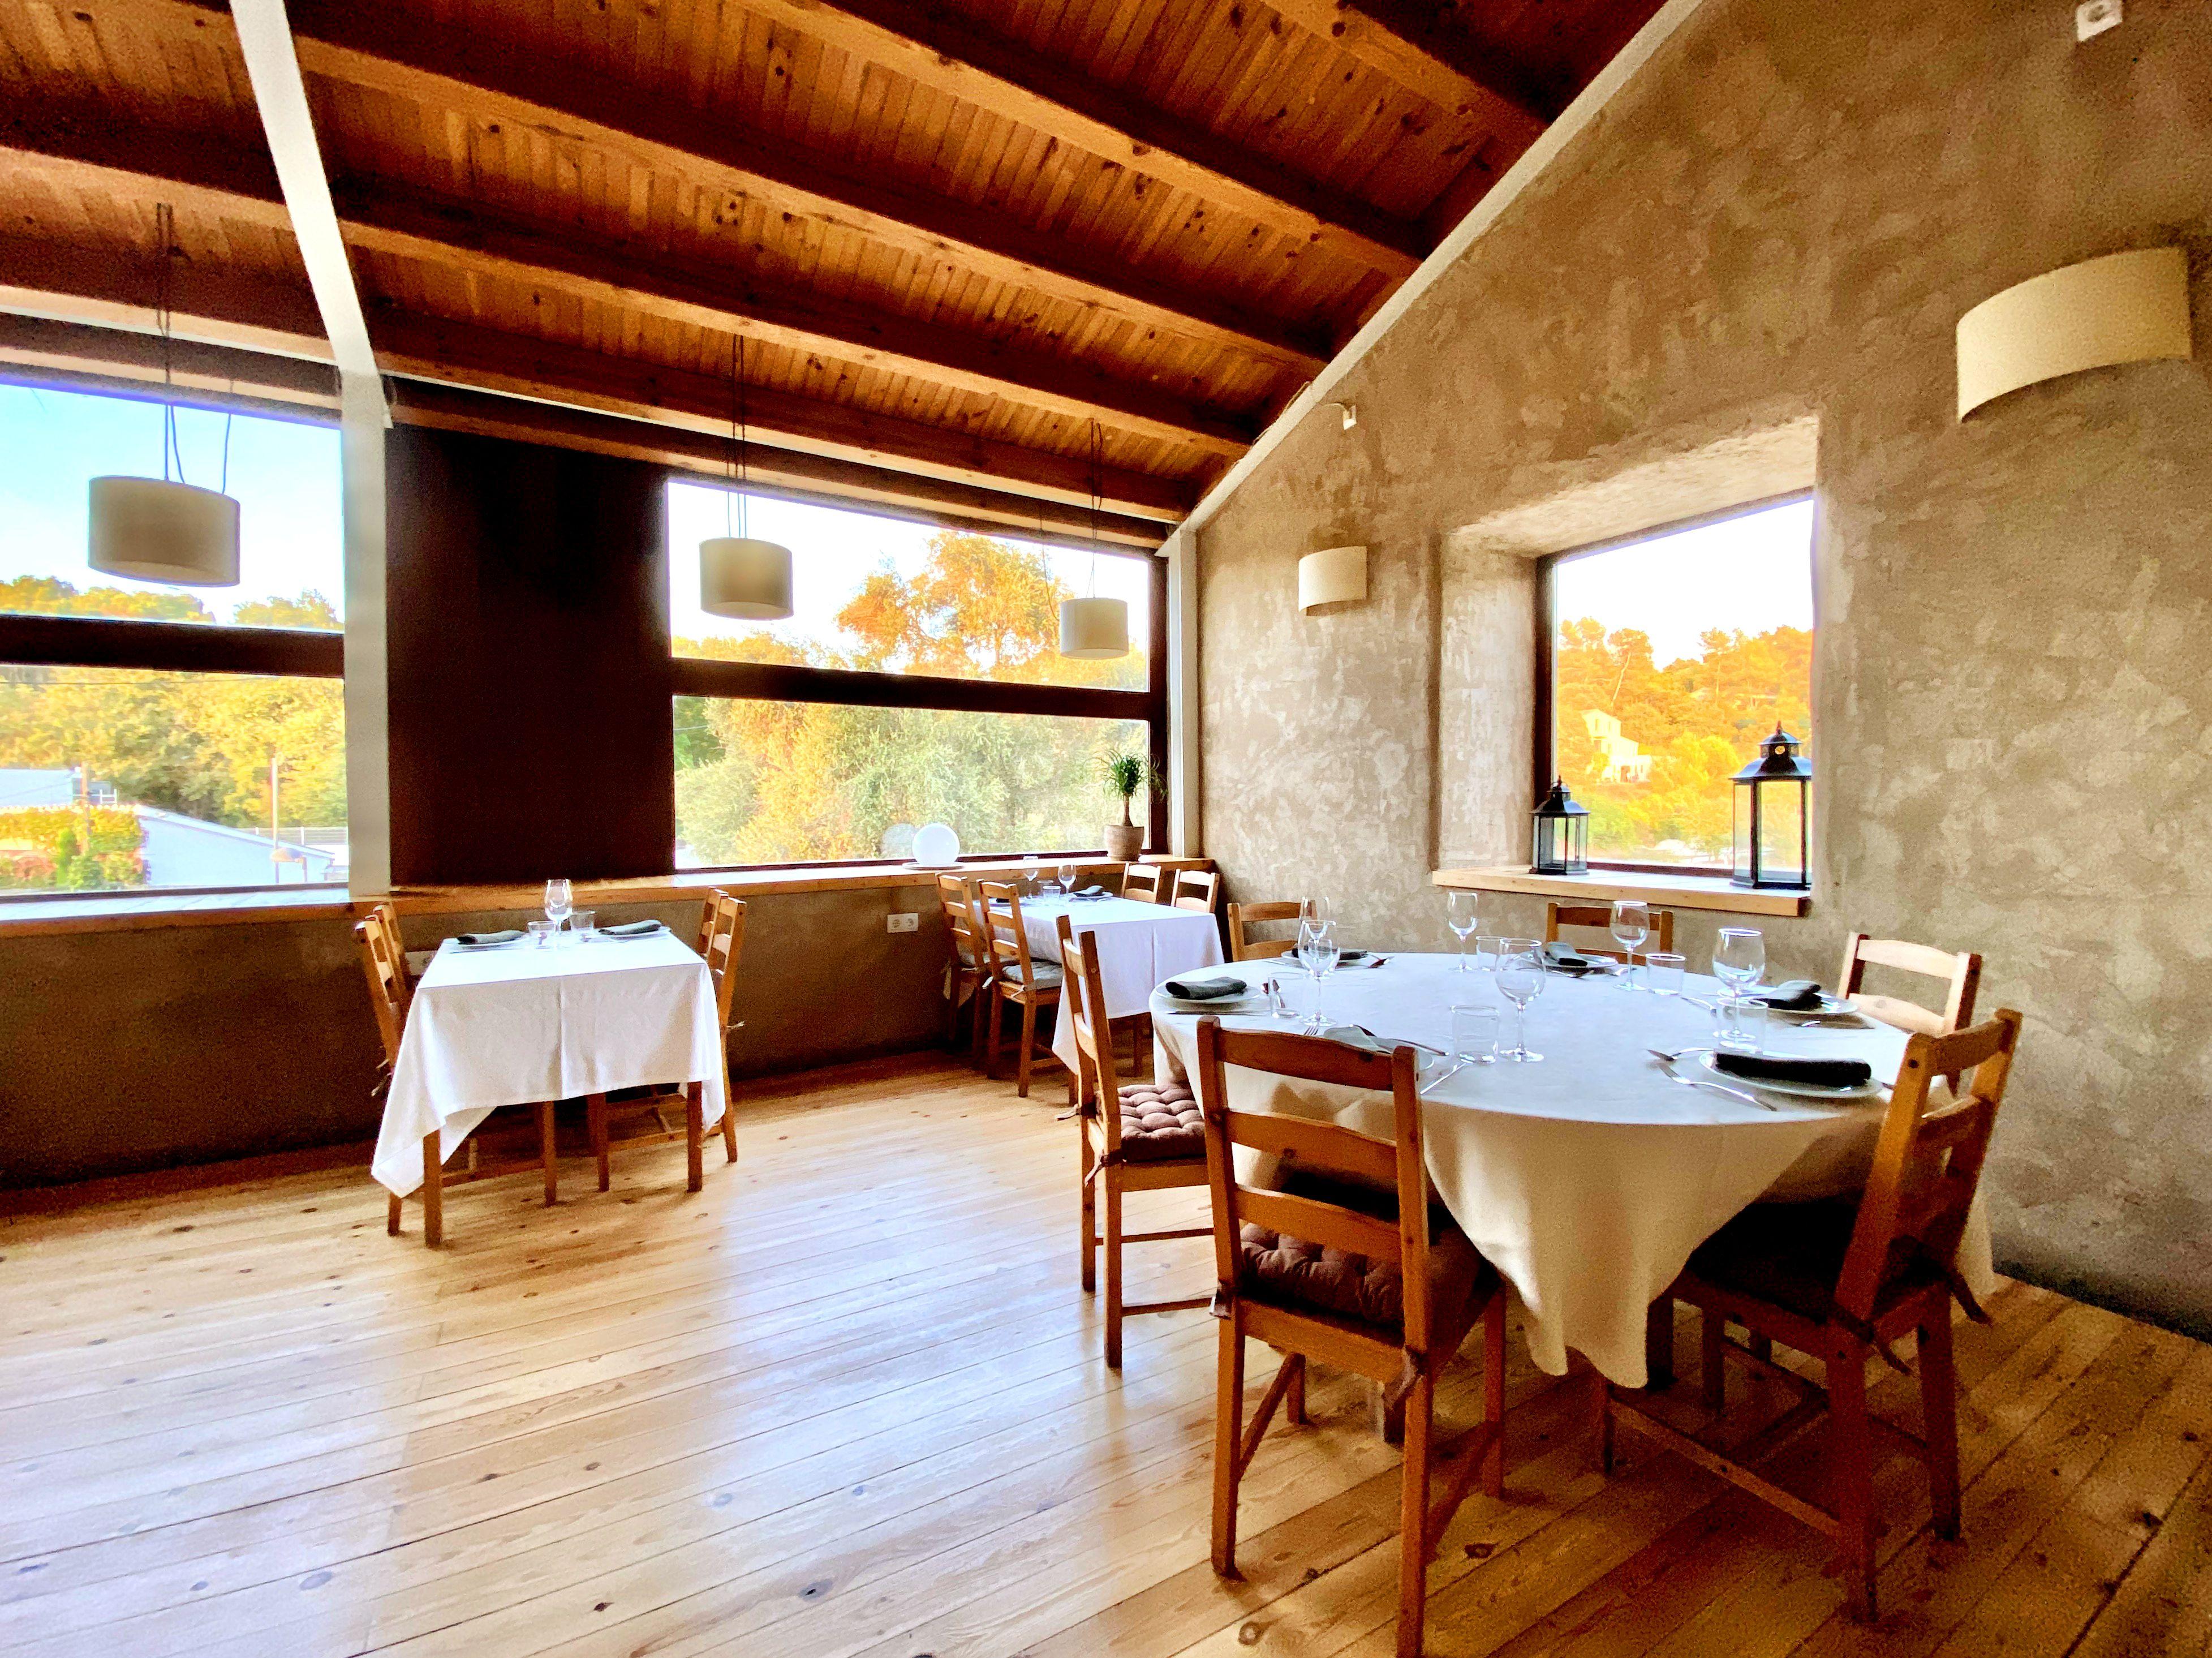 Amplia sala, i possibilitat de reservar una sala privada FOTO: Cedida